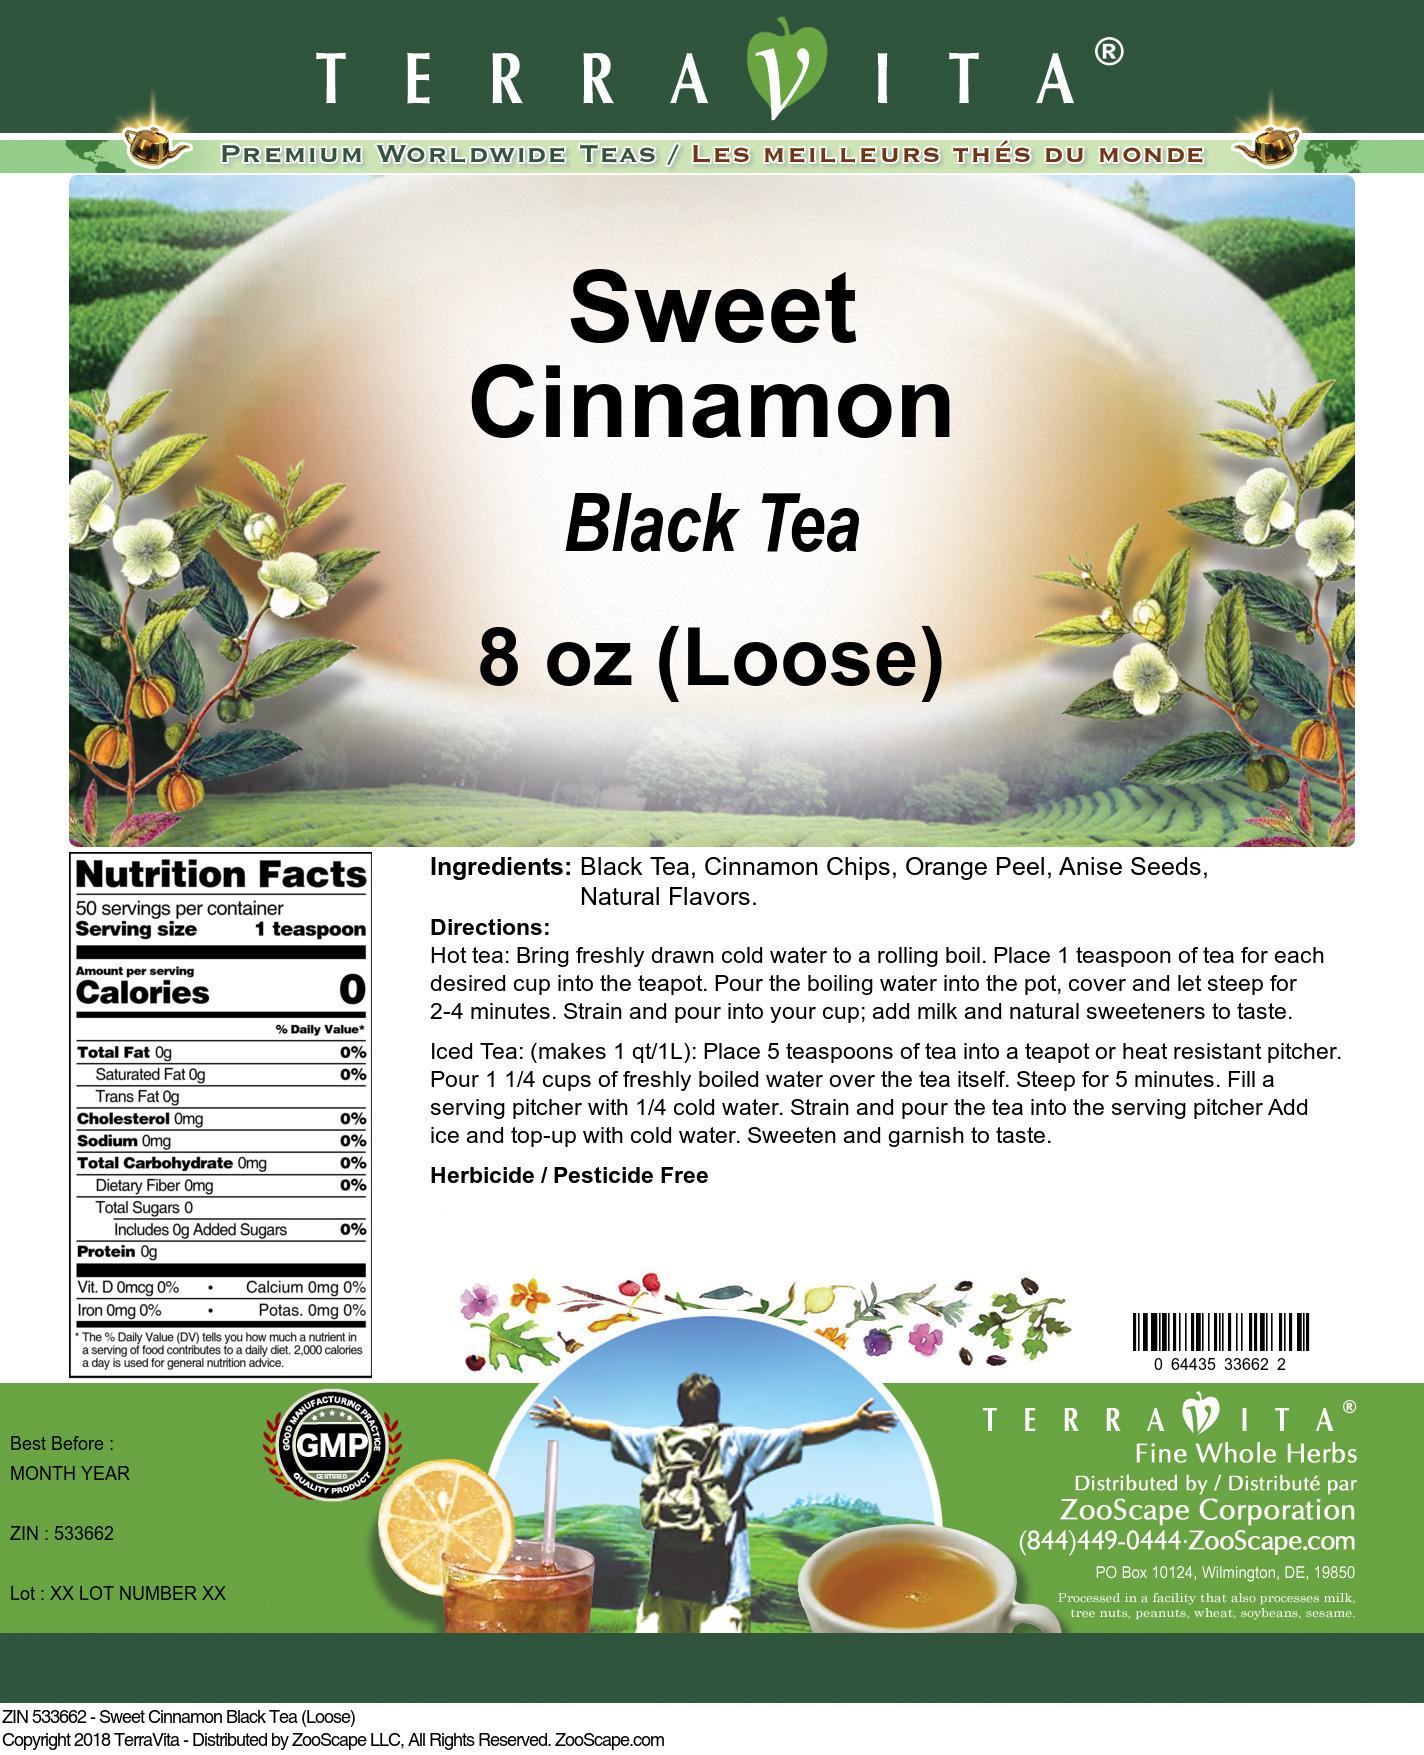 Sweet Cinnamon Black Tea (Loose)